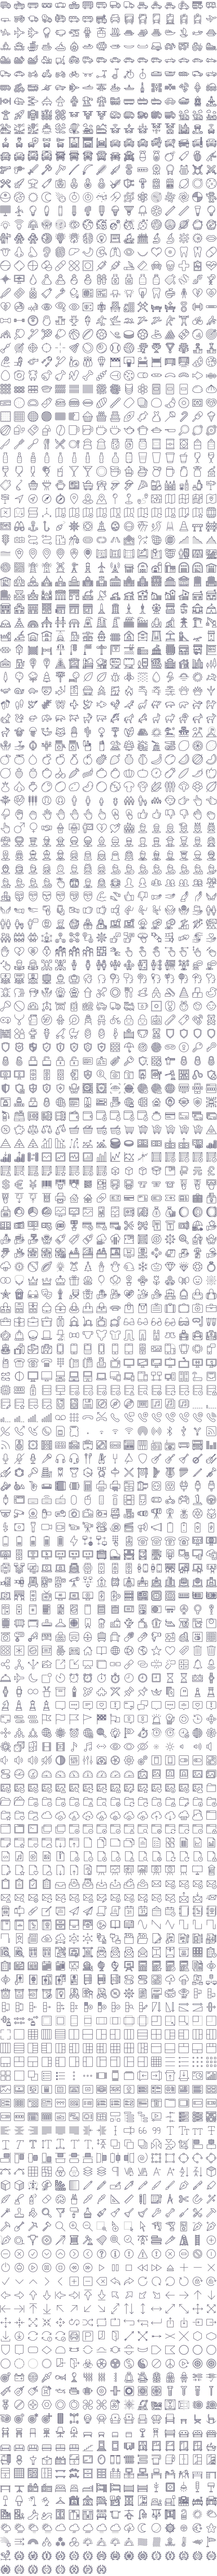 Unigrid icons full